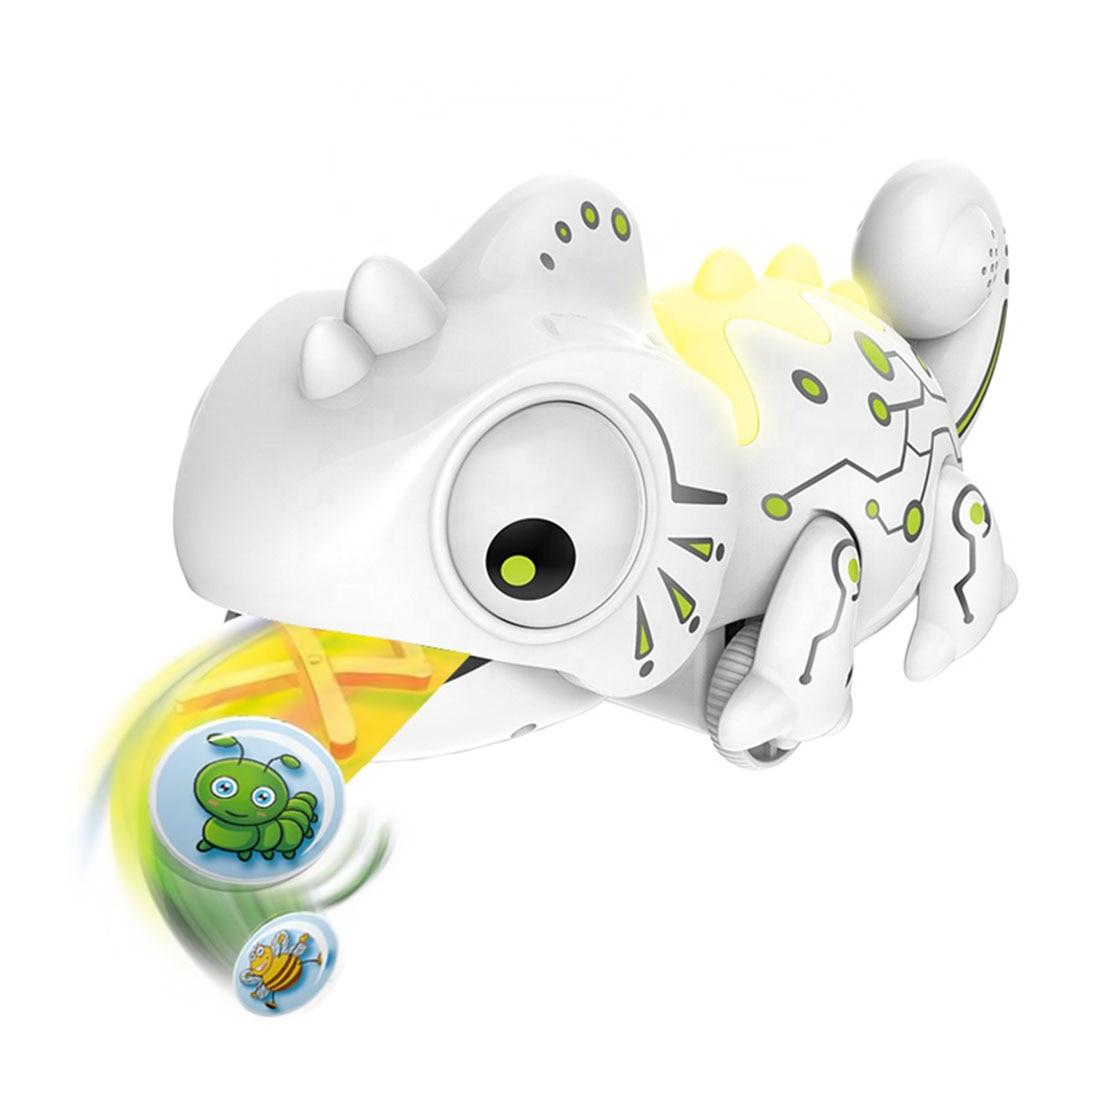 RC Хамелеон ящерица животное 2,4G умный симулятор животное Робот детский подарок забавные игрушки Музыка Цвет сменный пульт дистанционного у...